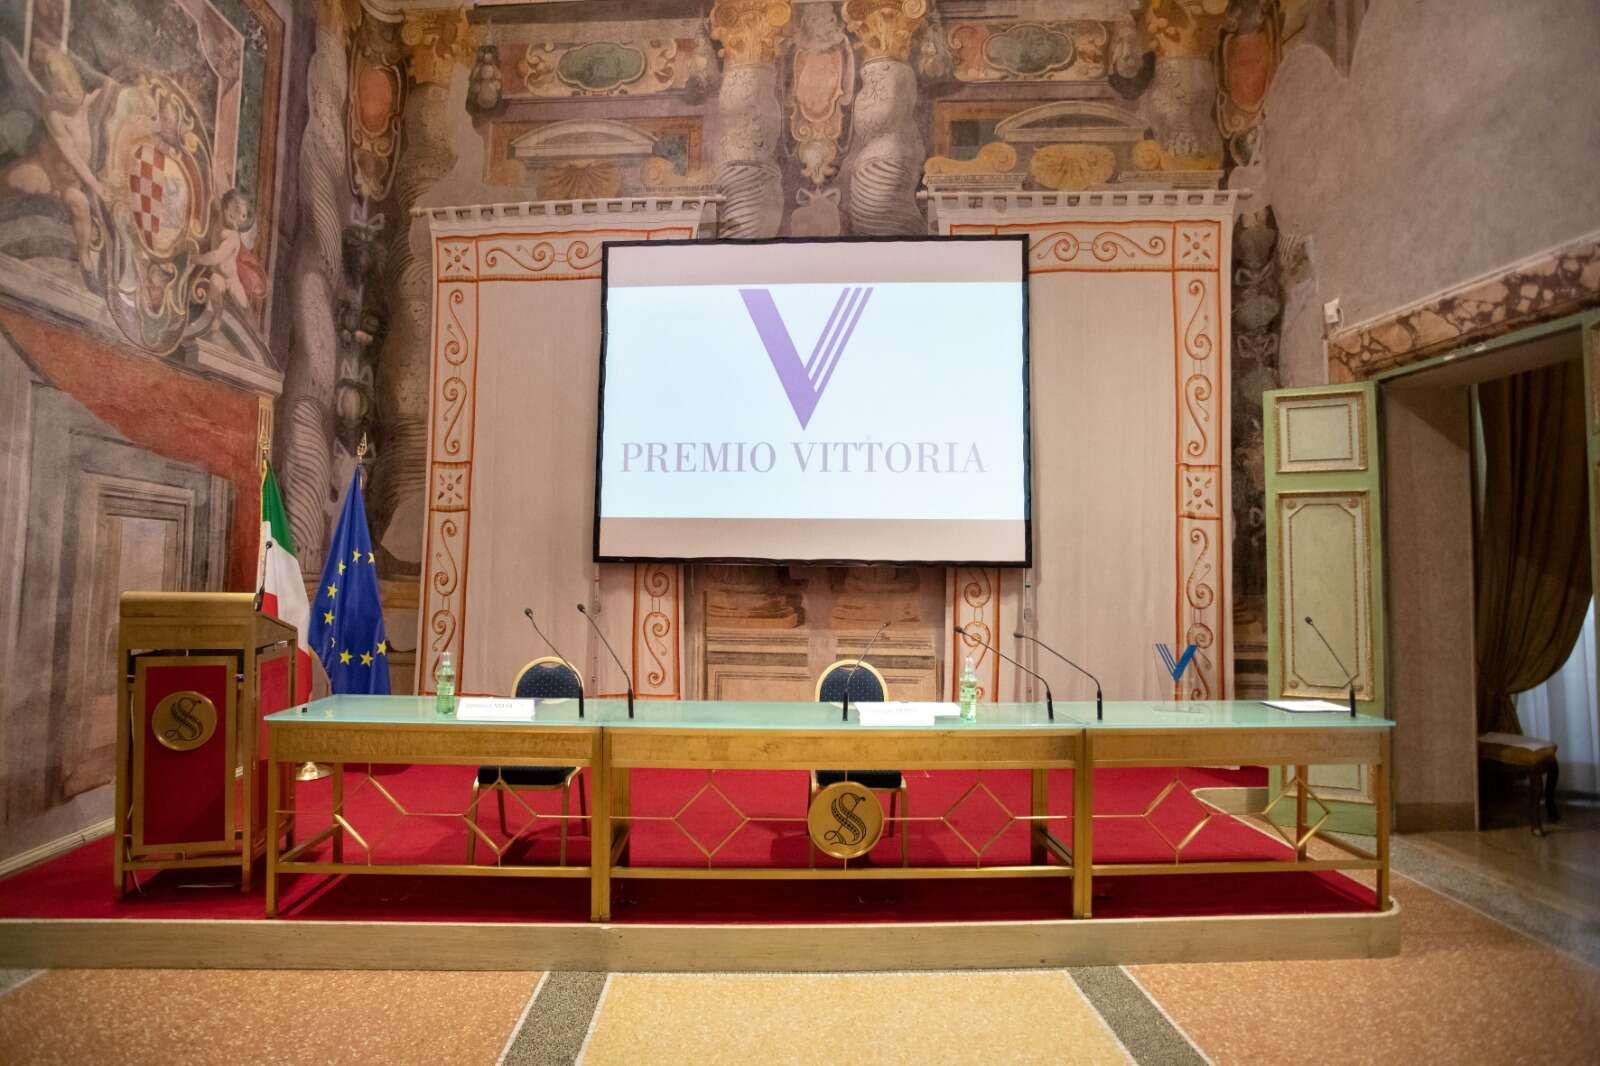 location al senato a roma valeria cagnina cerimonia